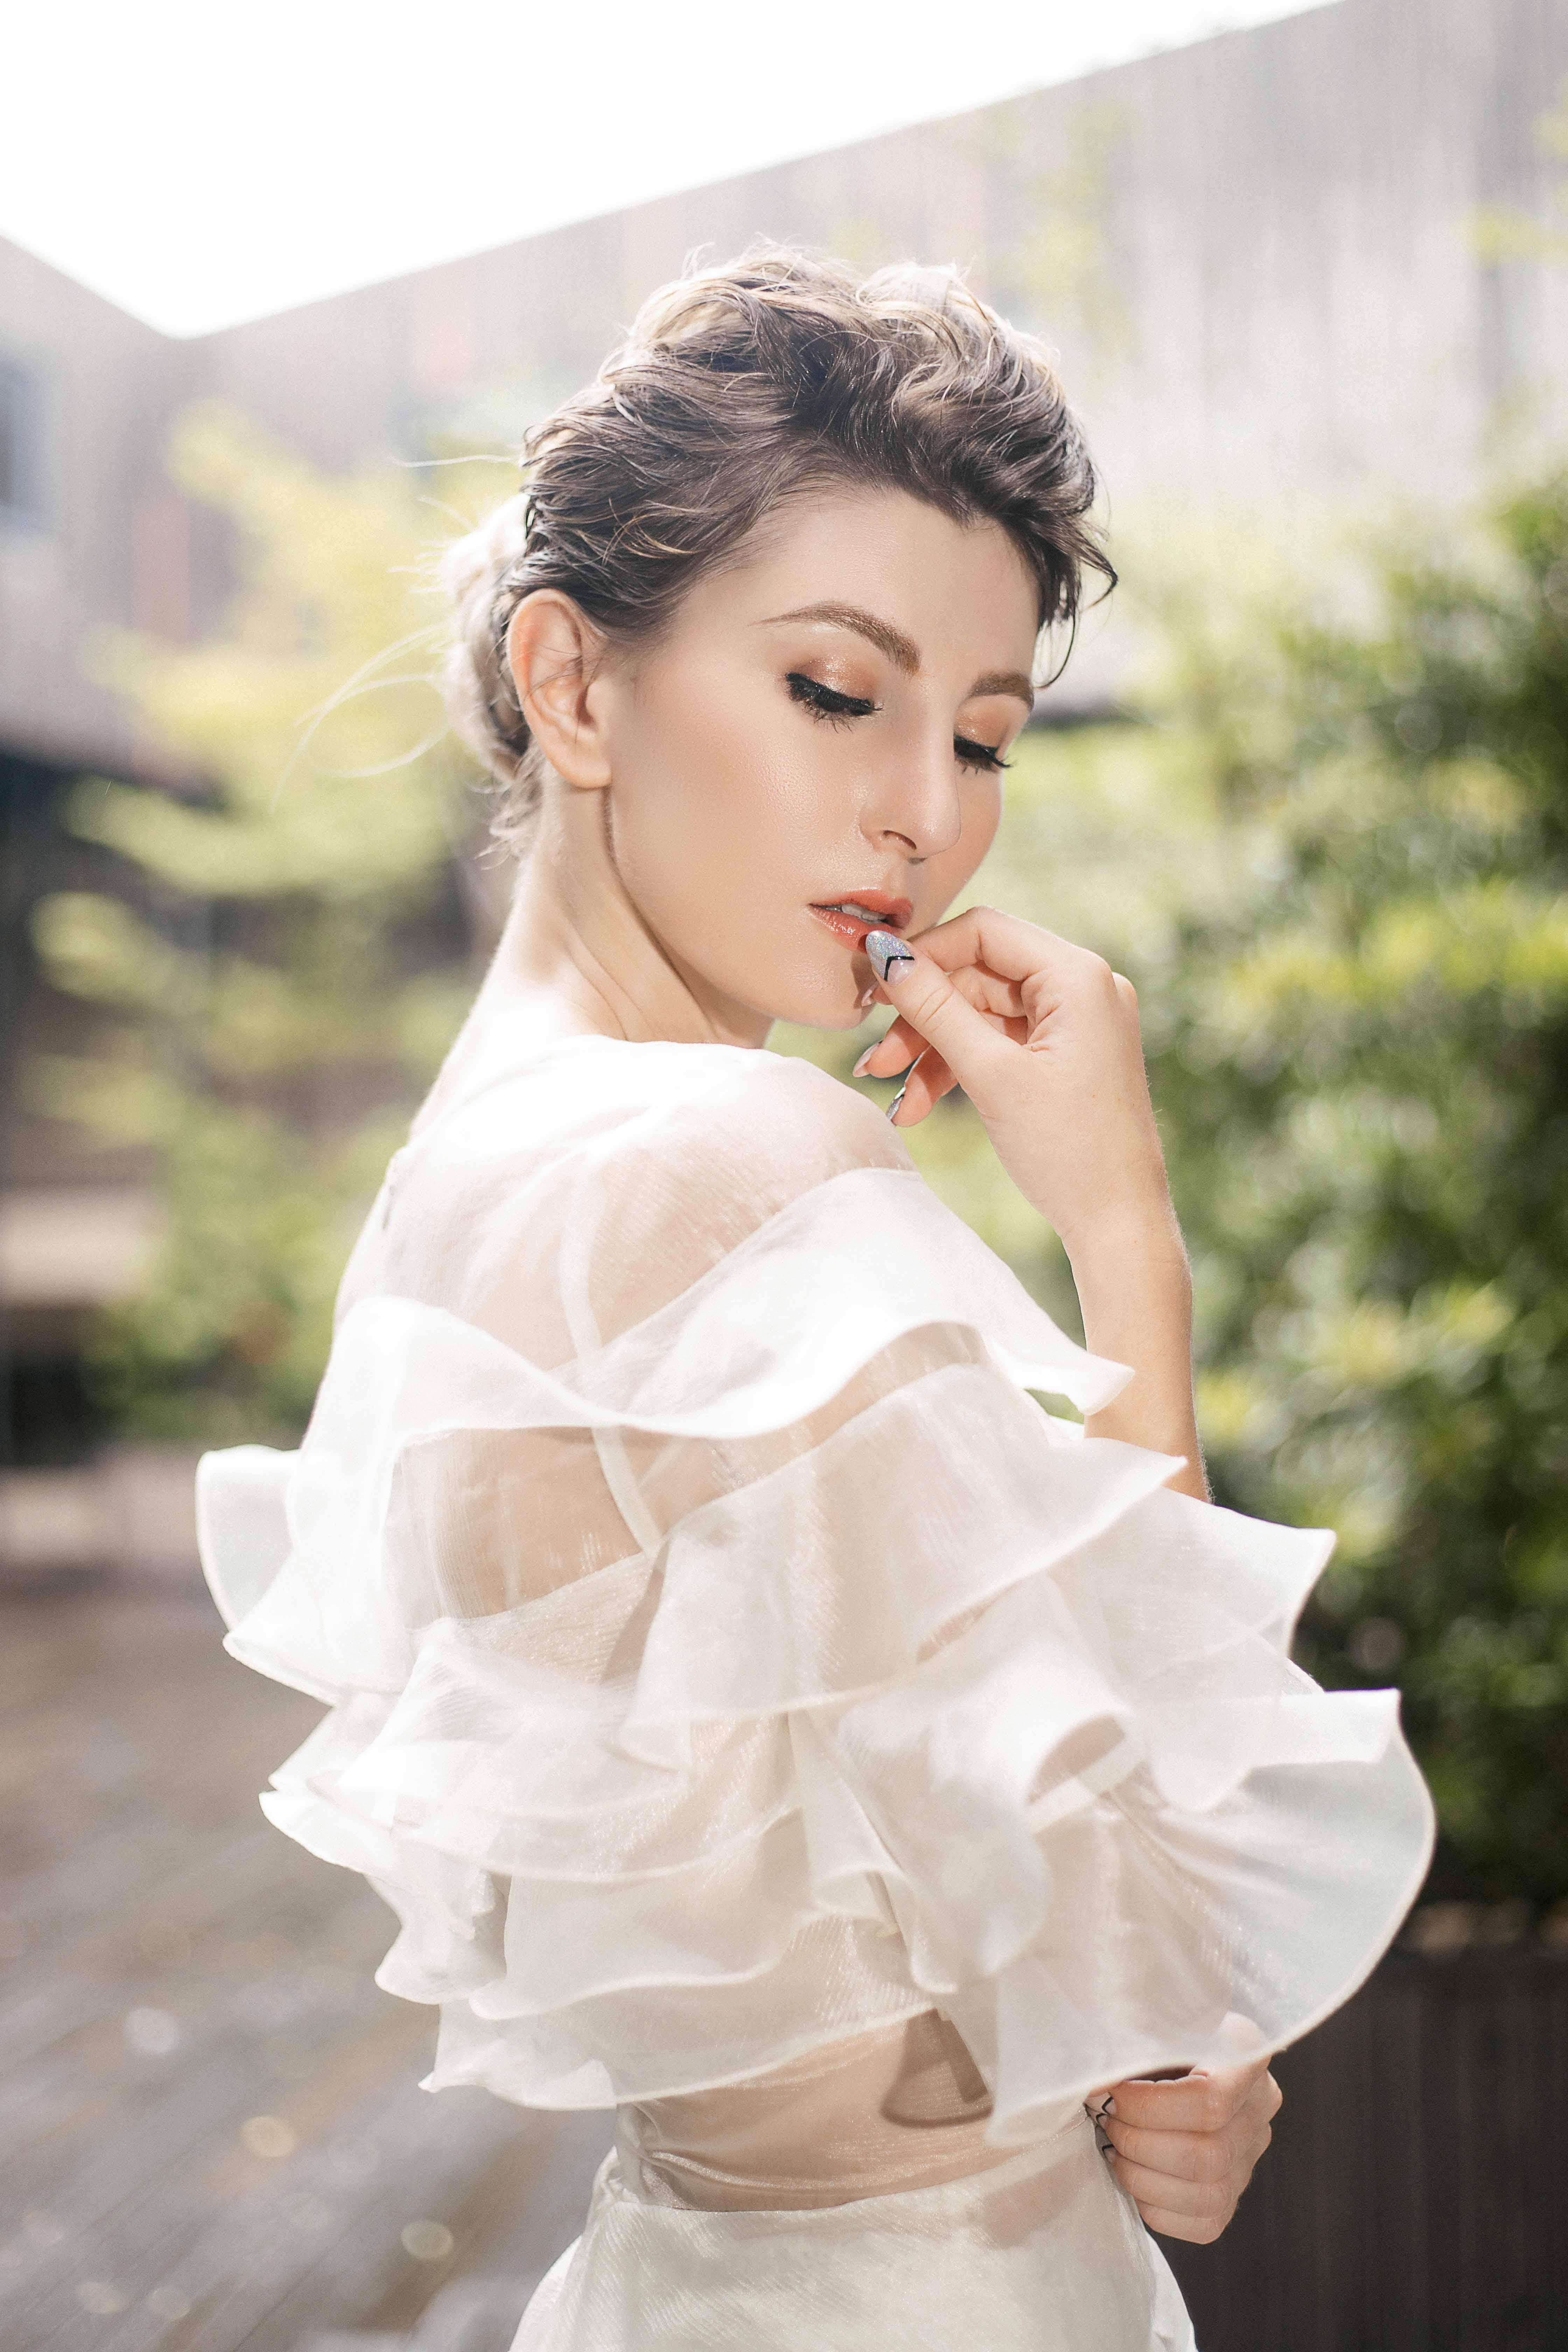 váy cưới Lý Quý Khánh - quà cưới từ GEM Center 2